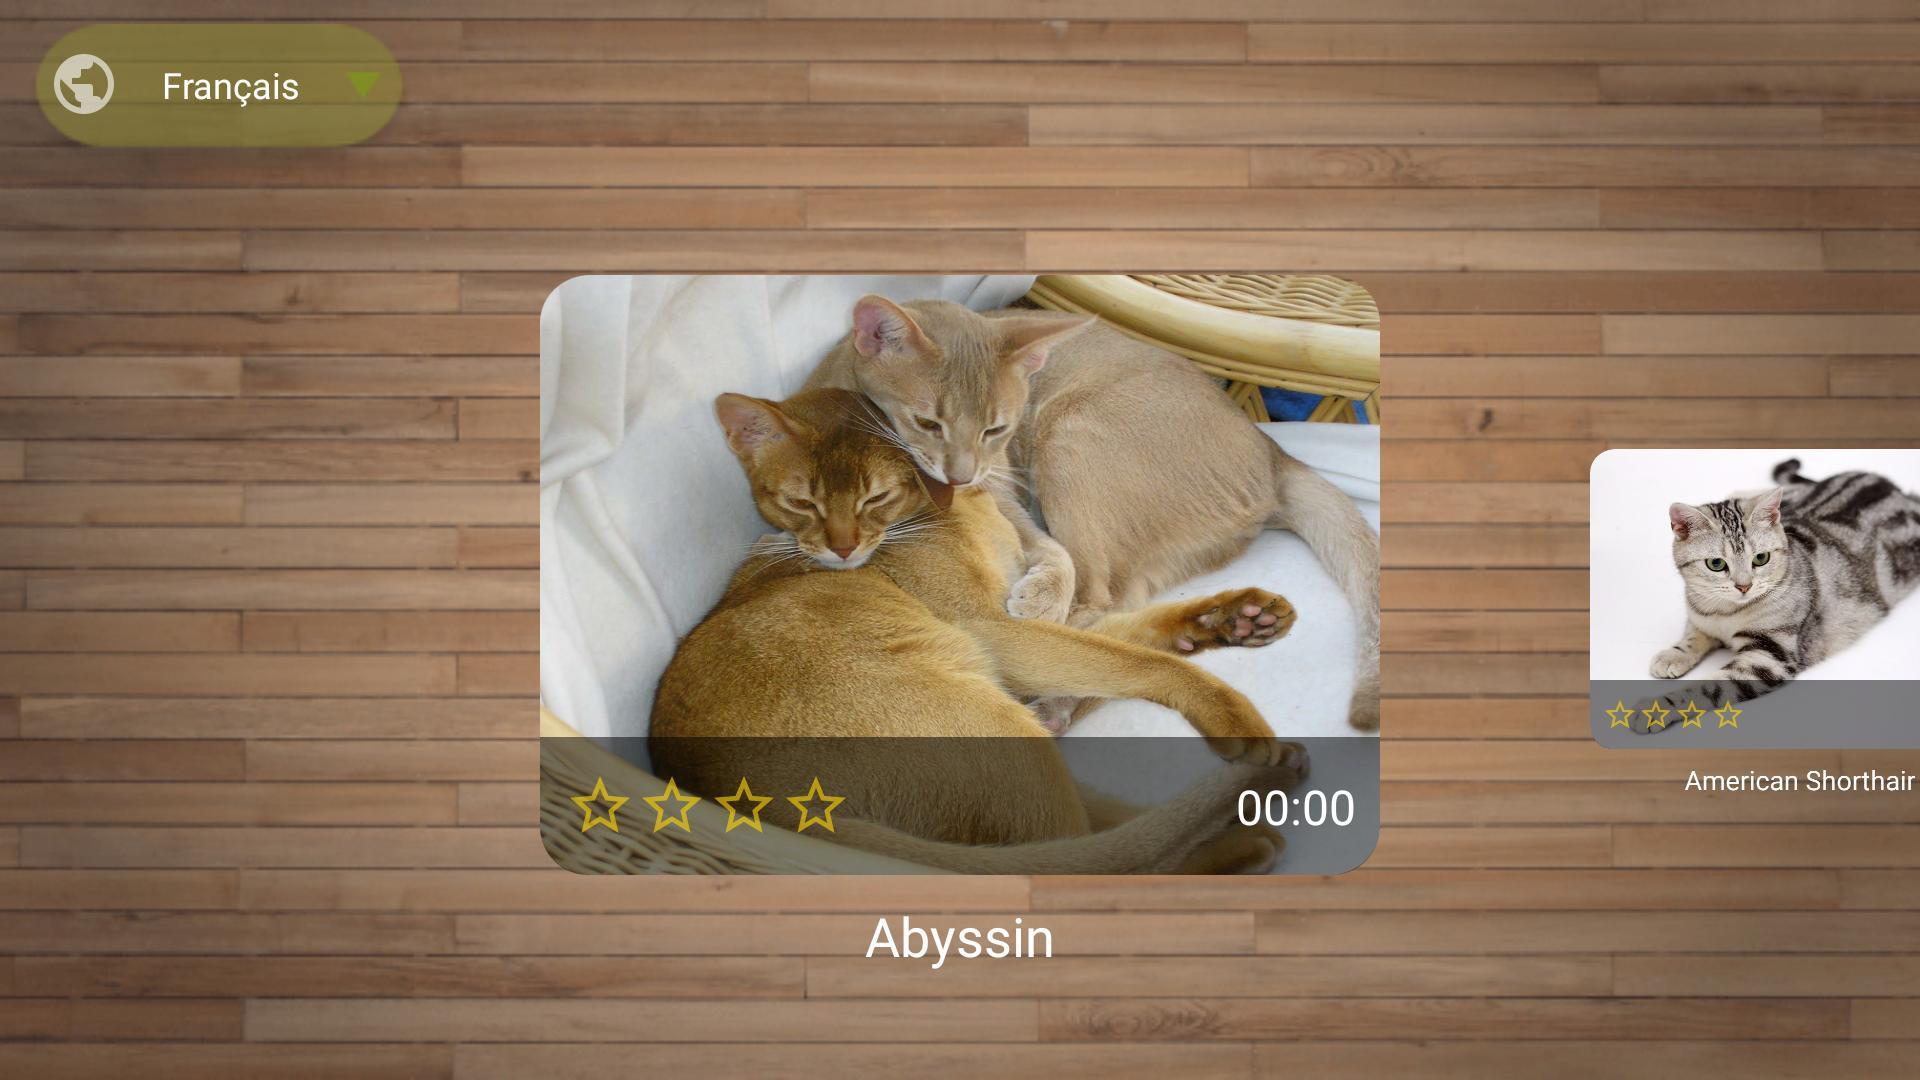 Jeux De Puzzle De Chat Gratuit Pour Android - Téléchargez L'apk intérieur Puzzles Gratuits Pour Tous